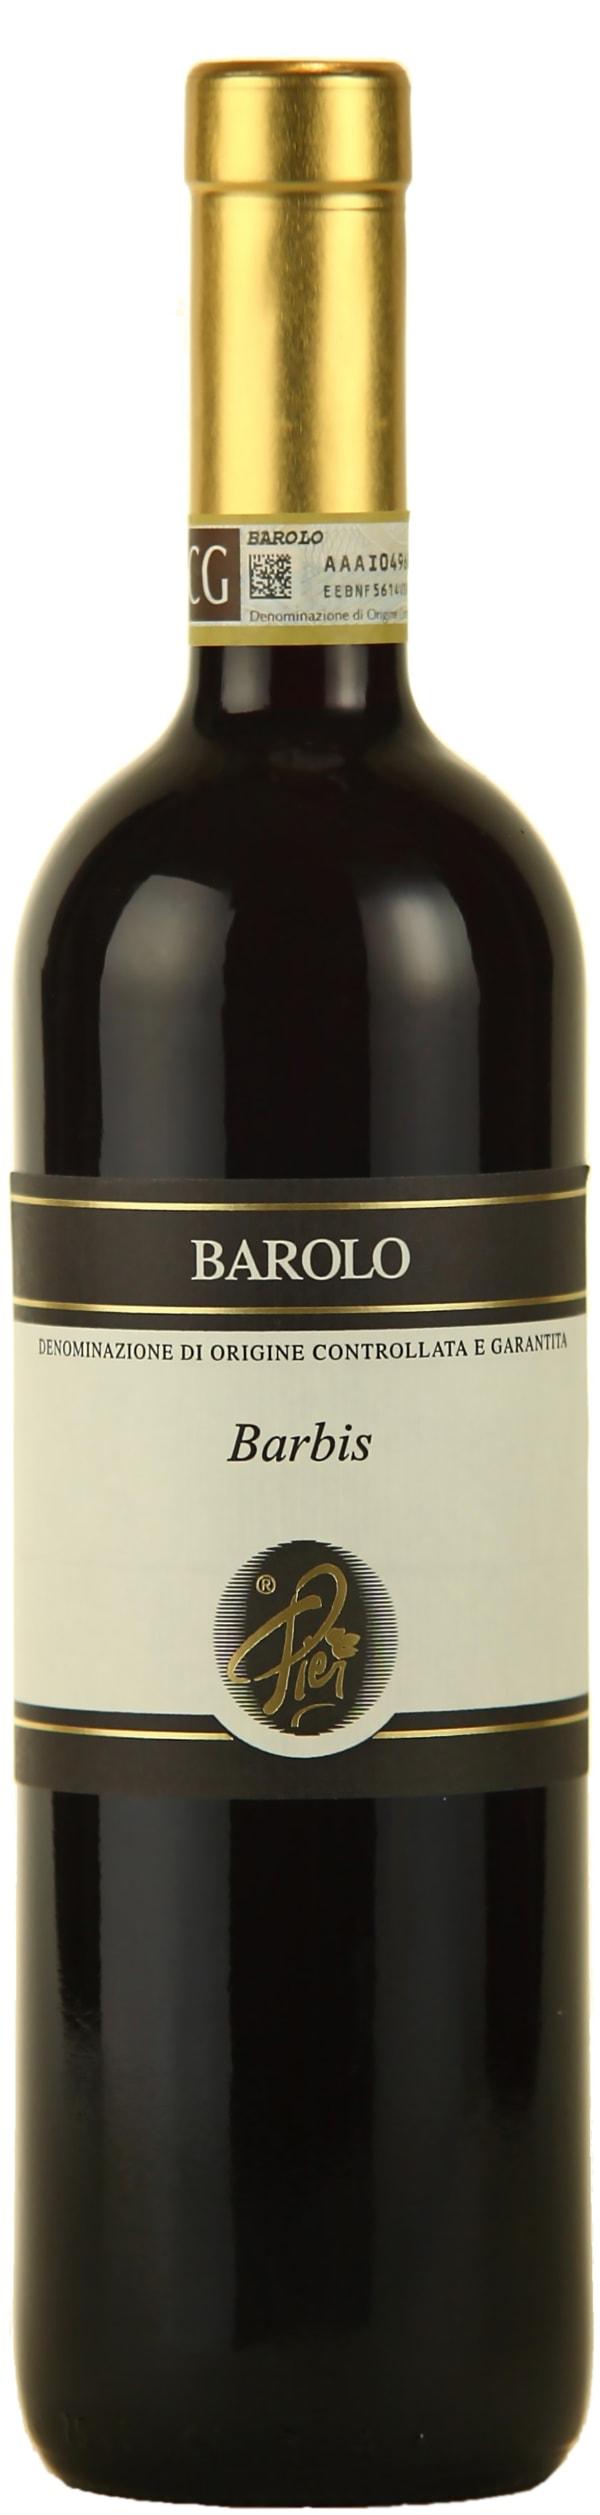 Pier Barbis Barolo 2011